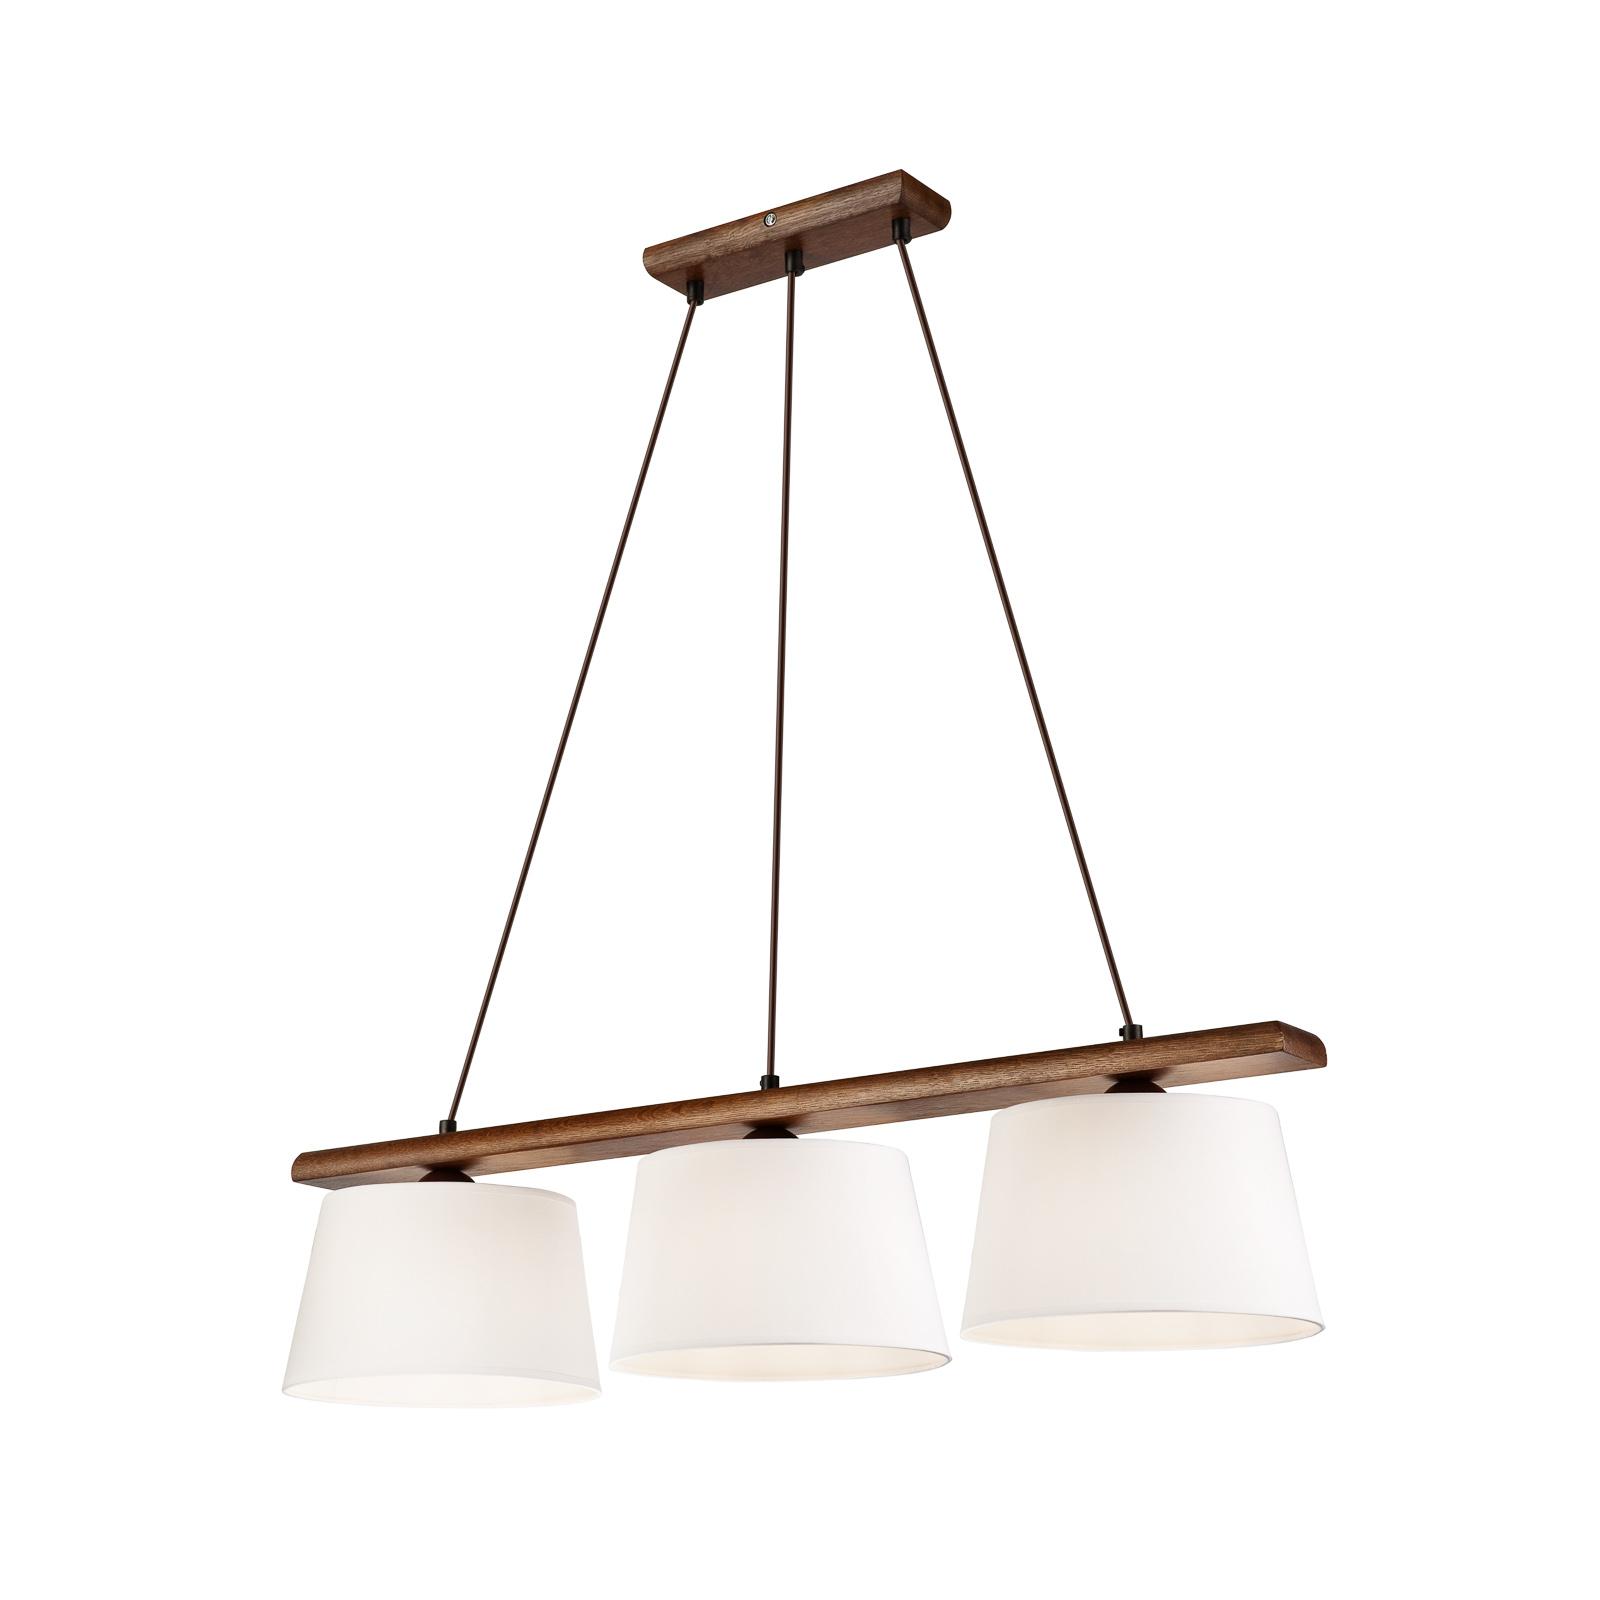 Suspension Sweden à 3 lampes, noyer chêne